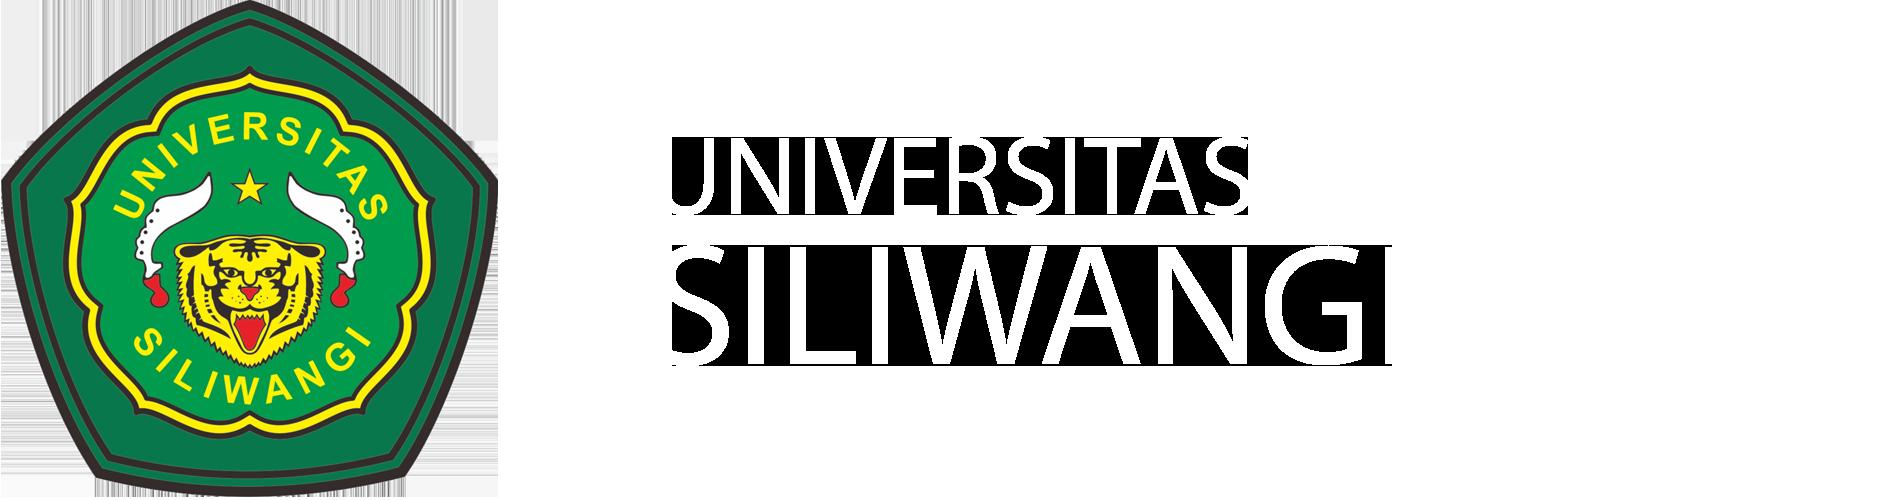 Website Resmi Universitas Siliwangi